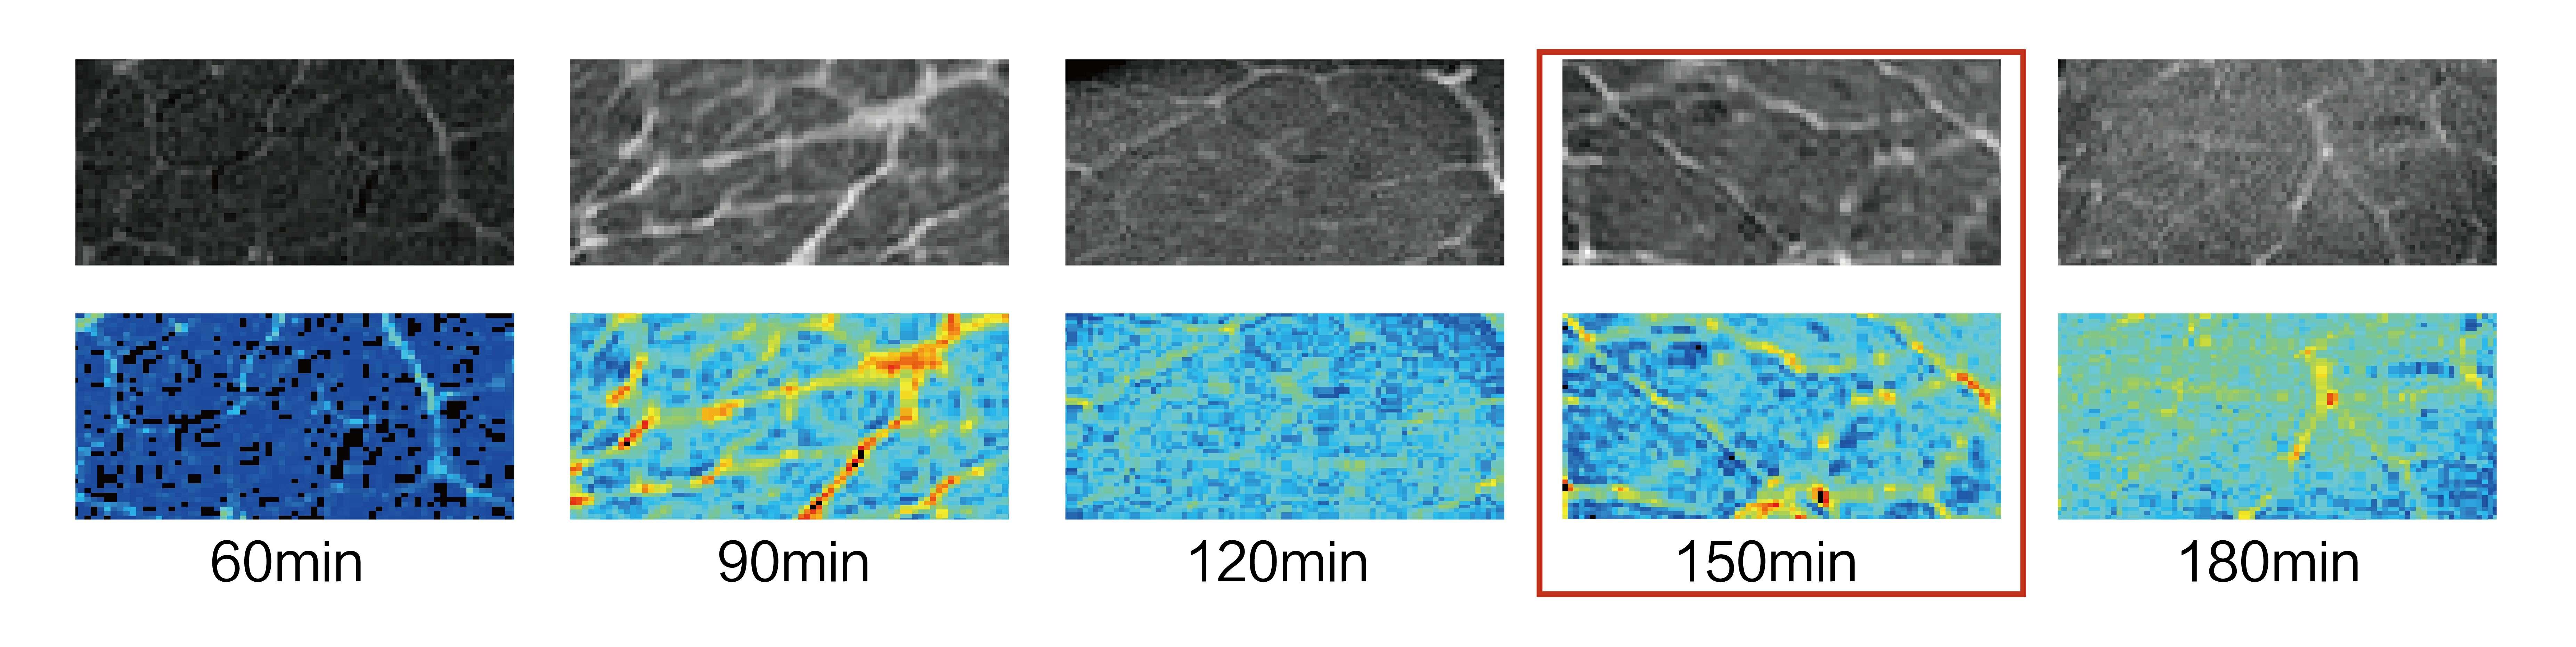 核磁共振法研究牛肉热加工过程品质变化